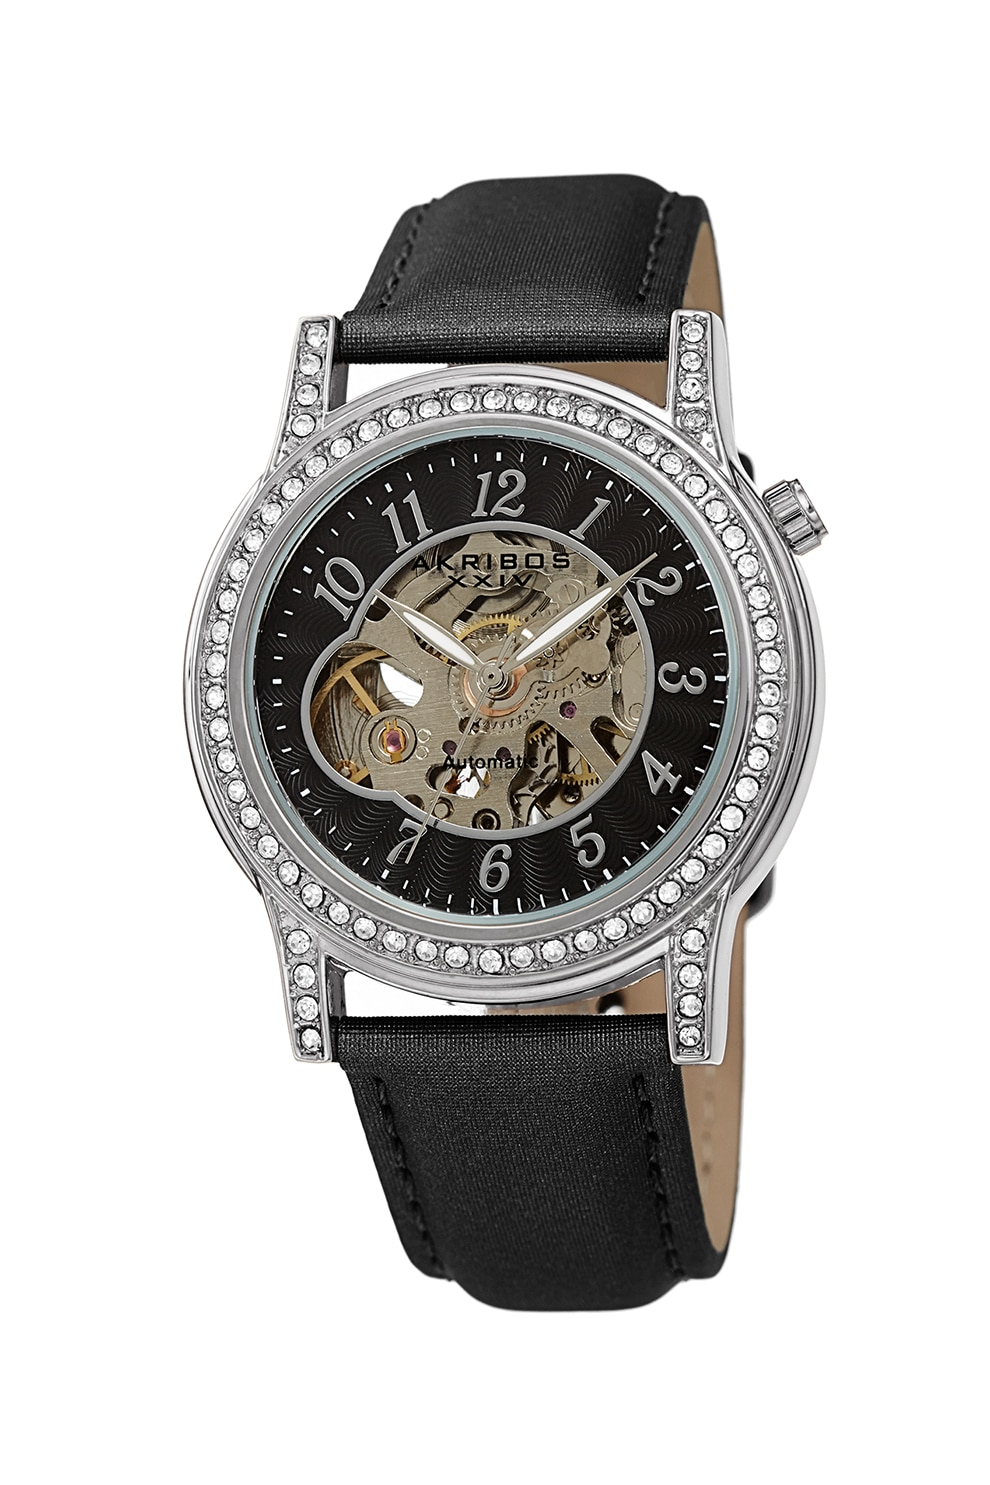 Fotografie AKRIBOS XXIV, Ceas automatic decorat cu cristale, Negru/Argintiu